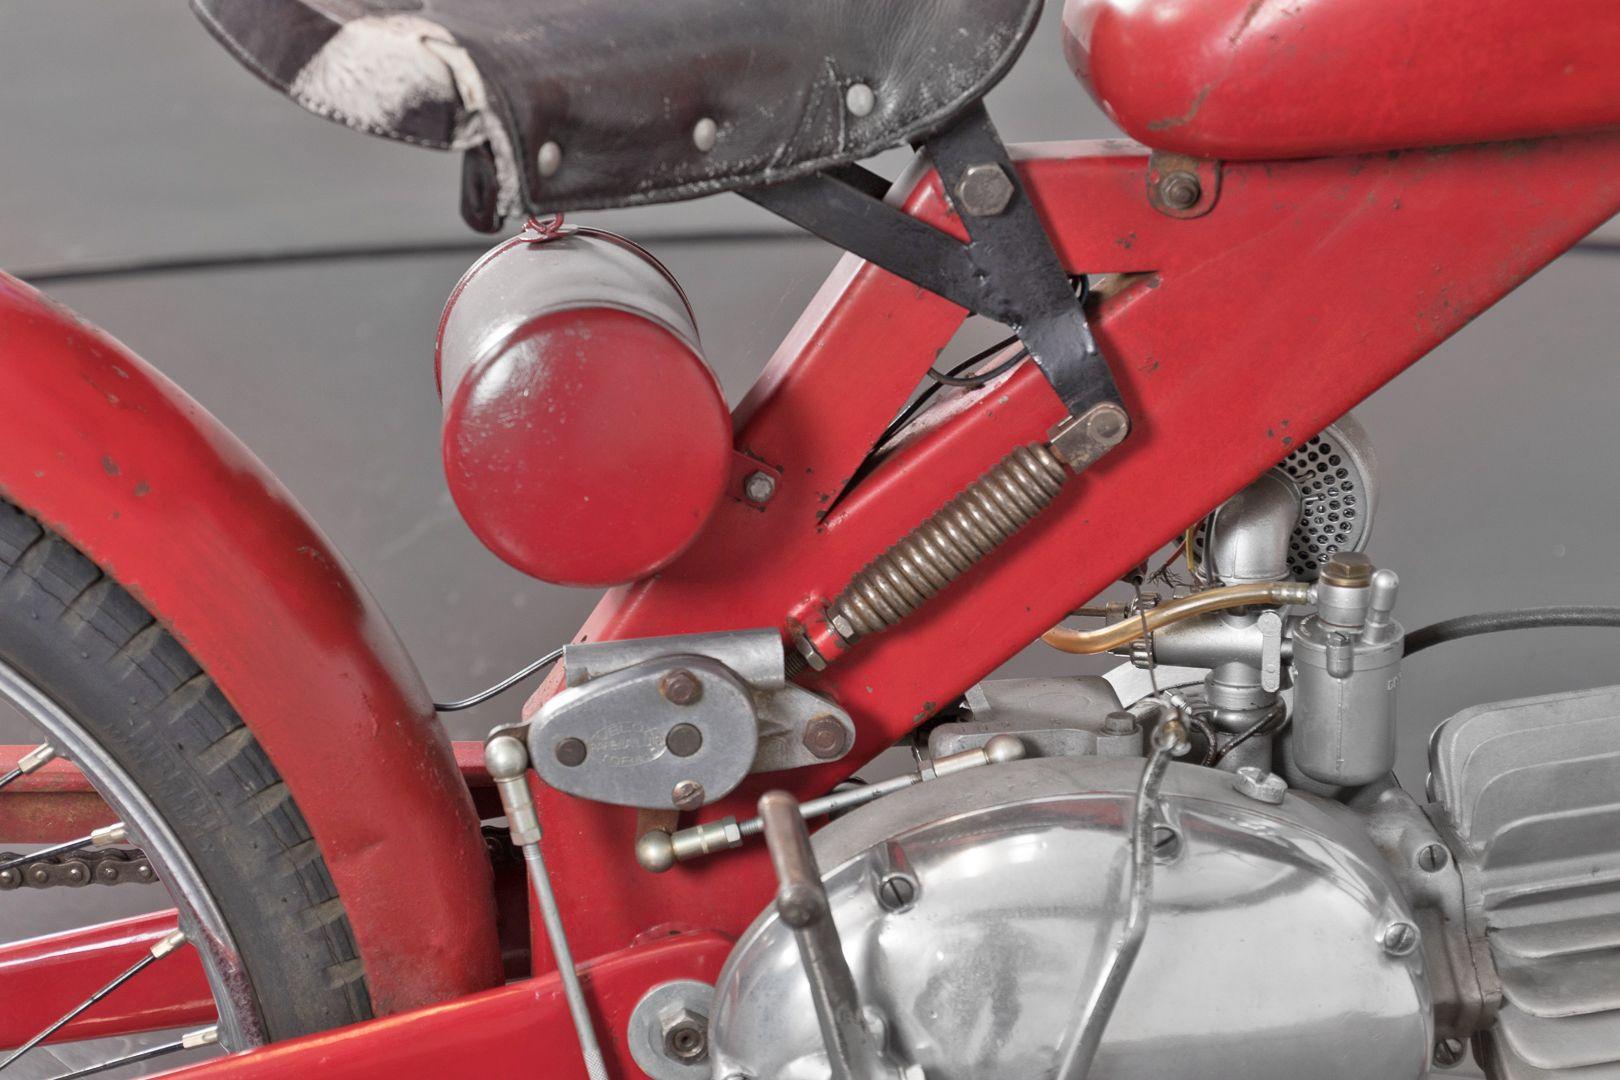 1961 MotoBi B 98 Balestrino 75055